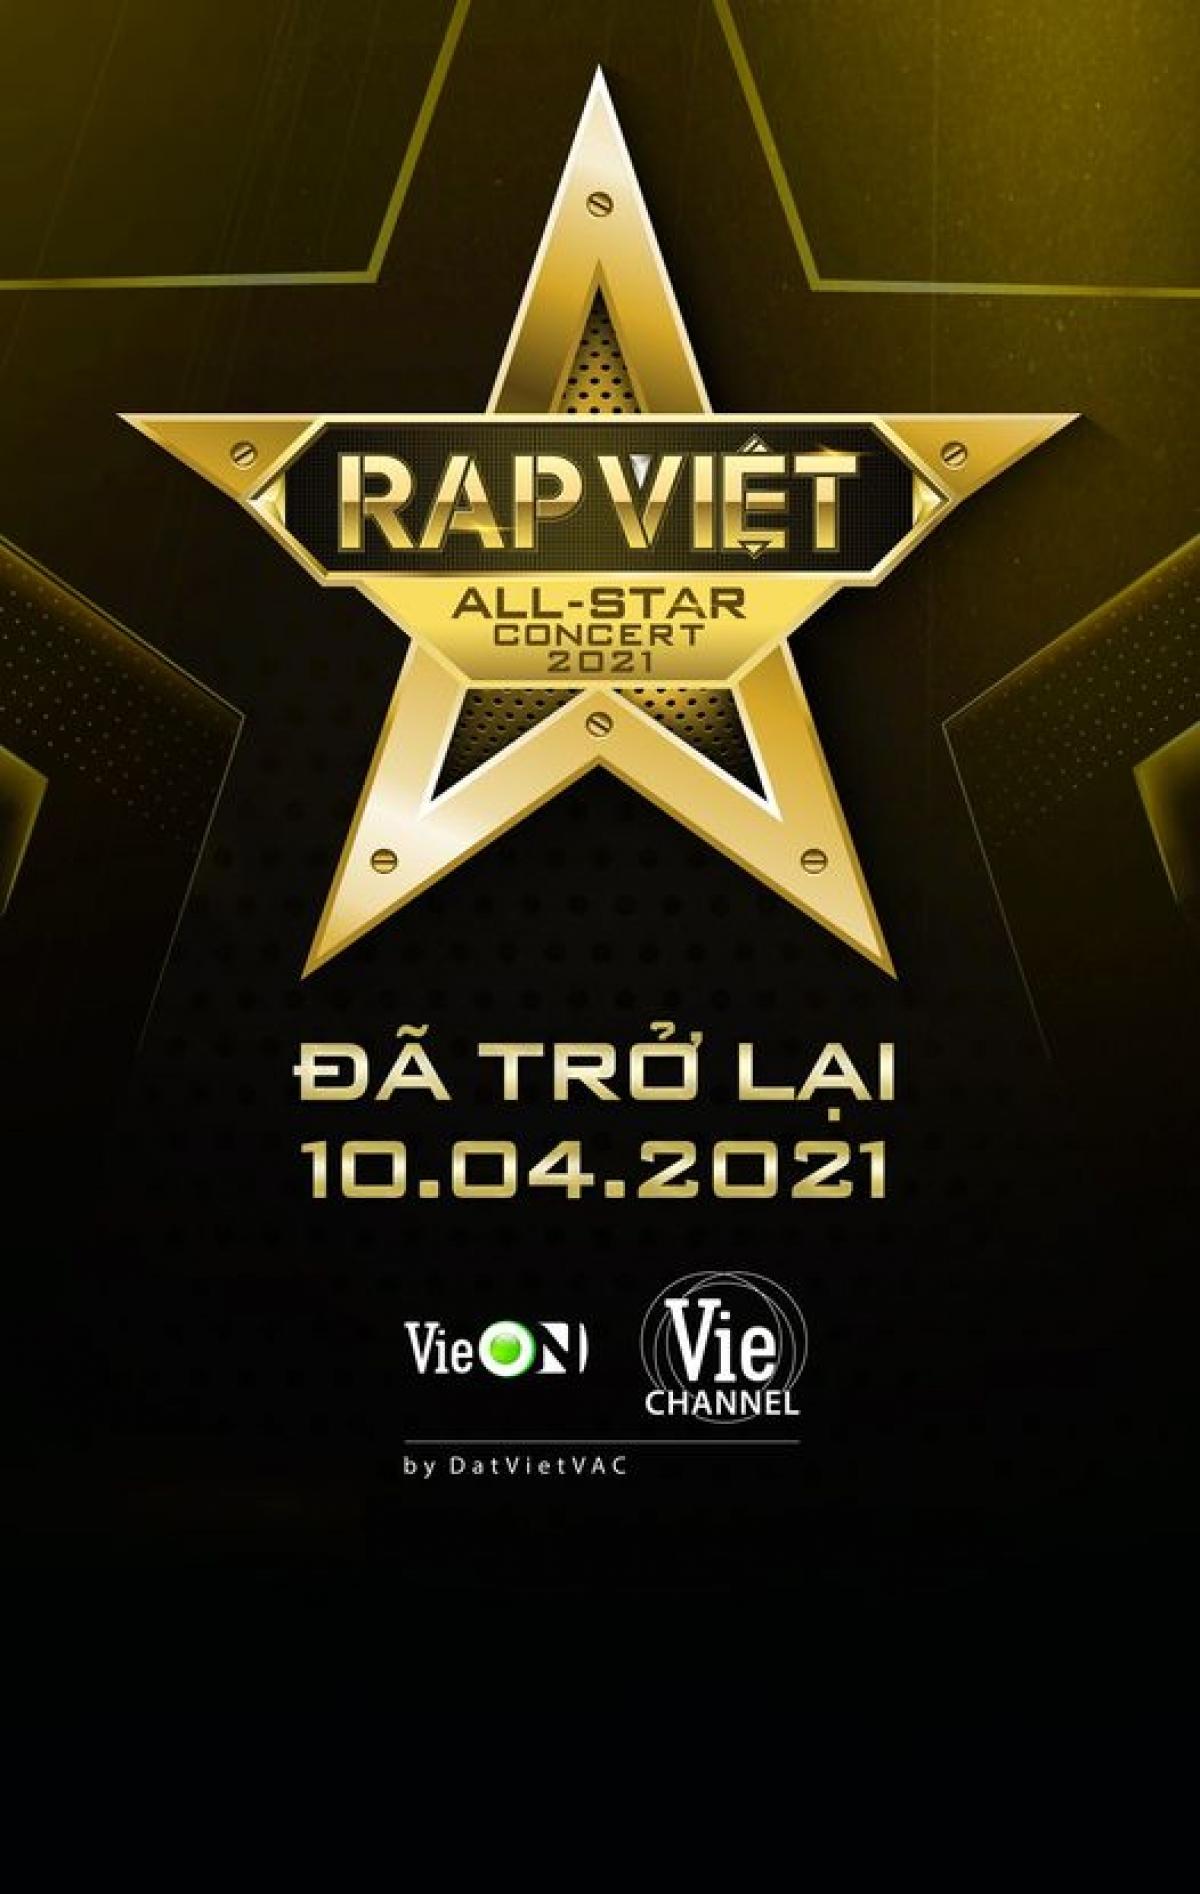 """Sự kiện âm nhạc được mong đợi concert """"Rap Việt All-Star"""" sẽ chính thức trở lại."""